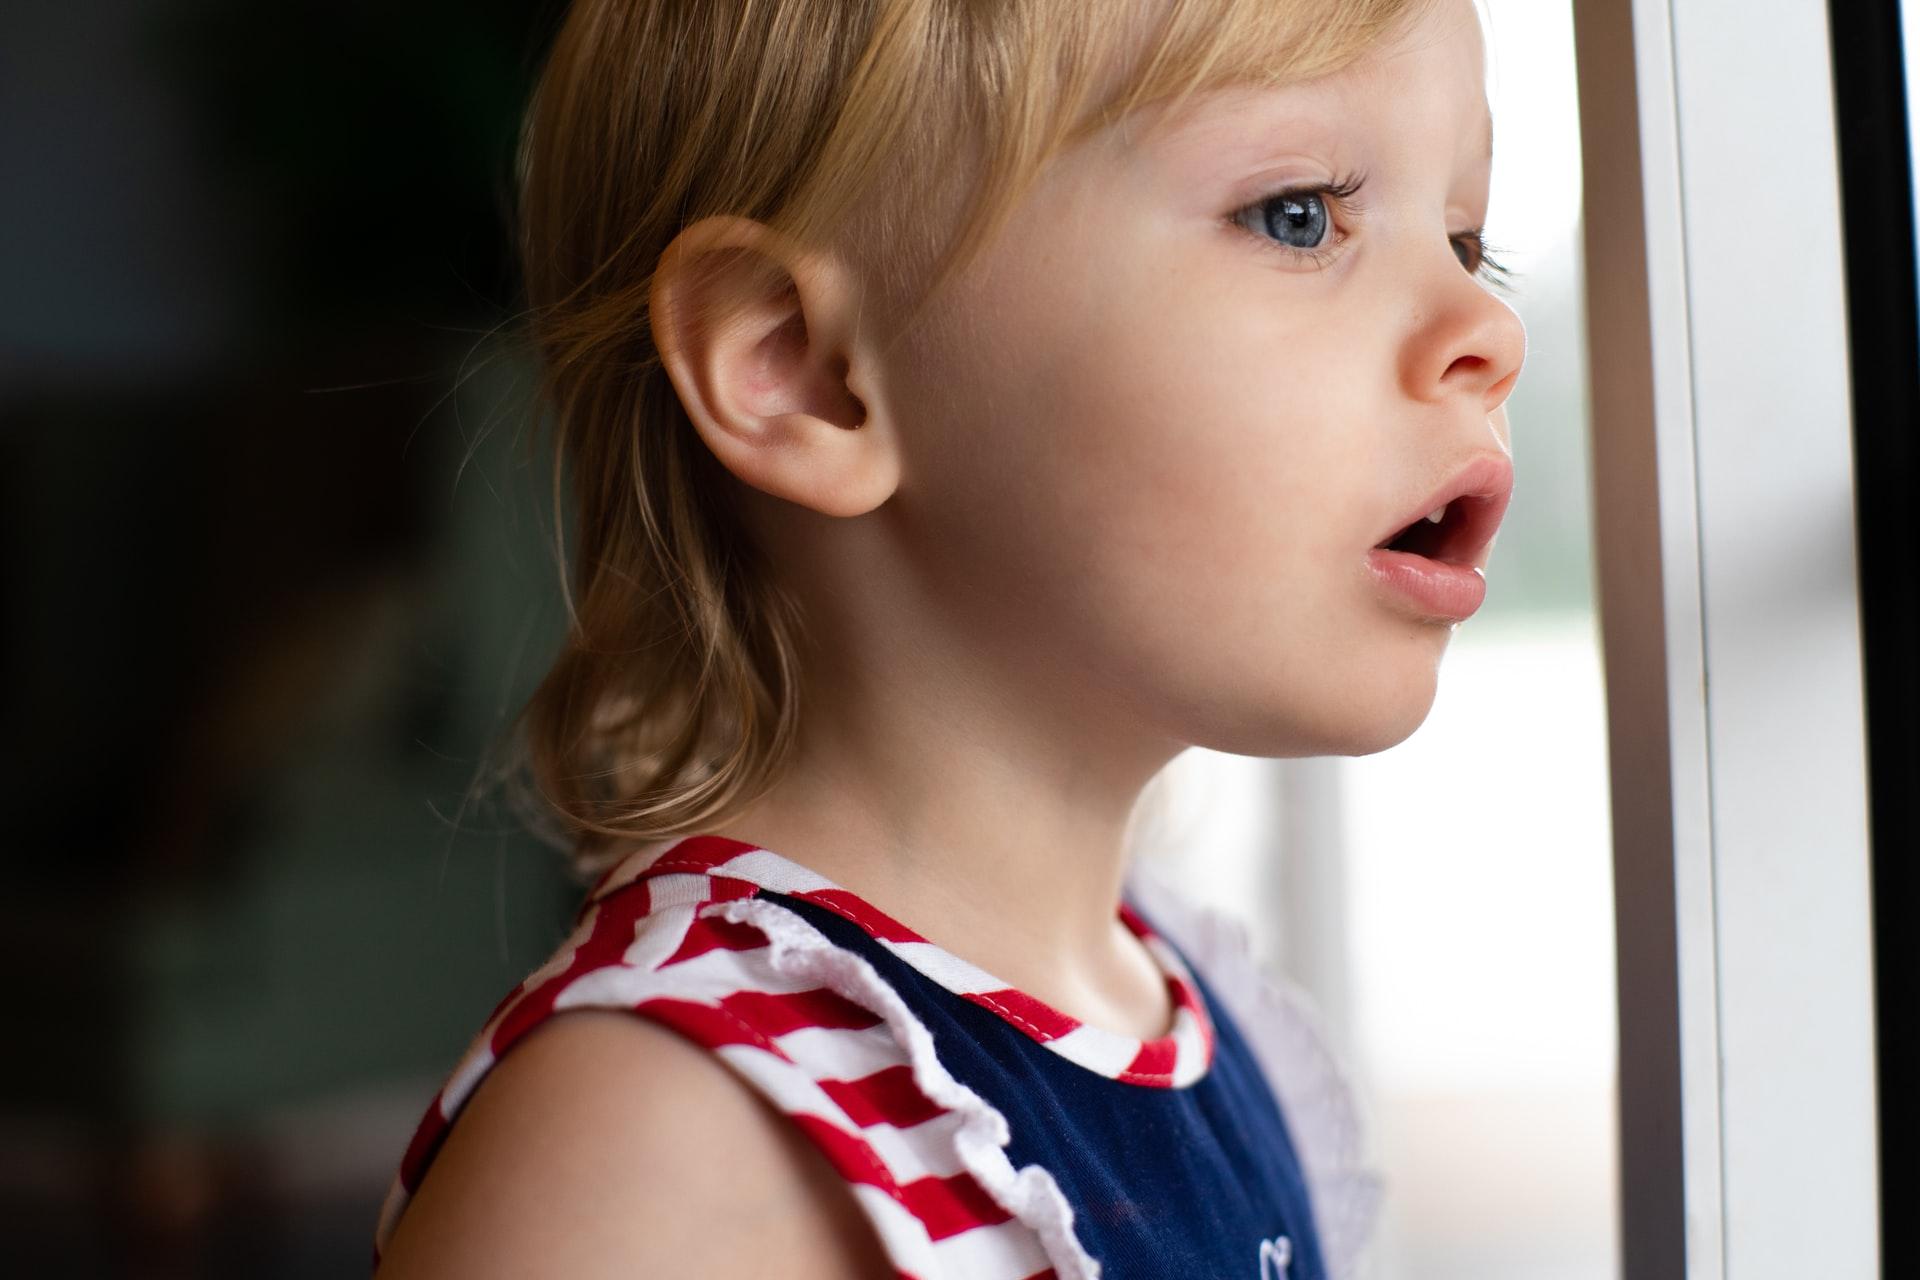 Child's Curiosity